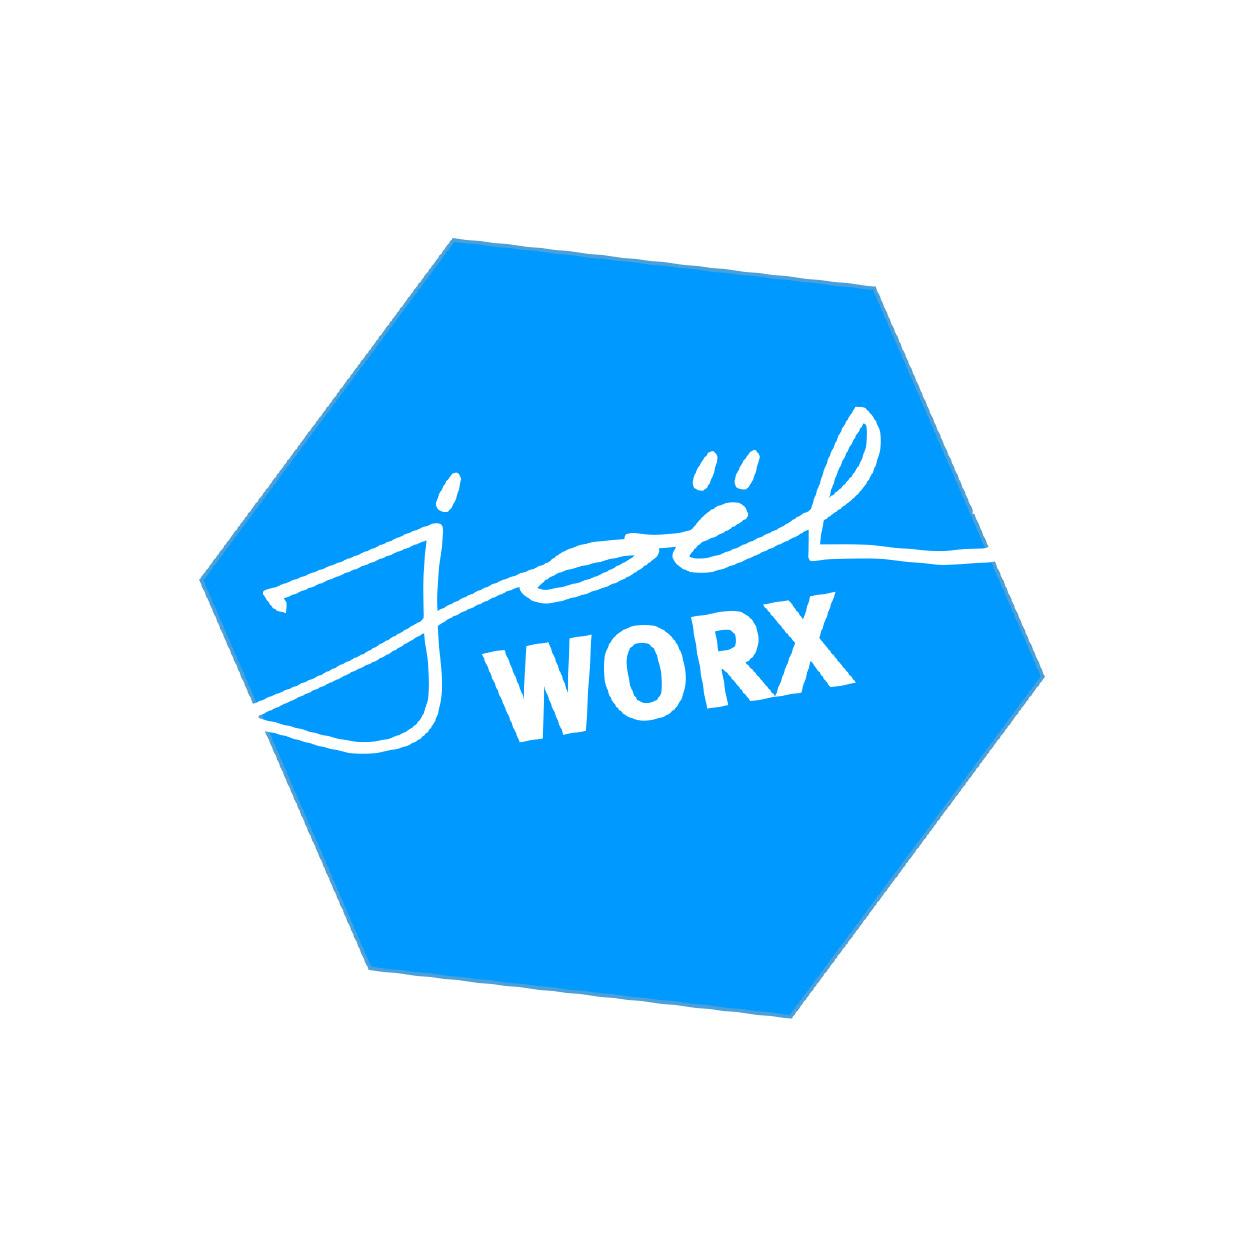 Joel WORX